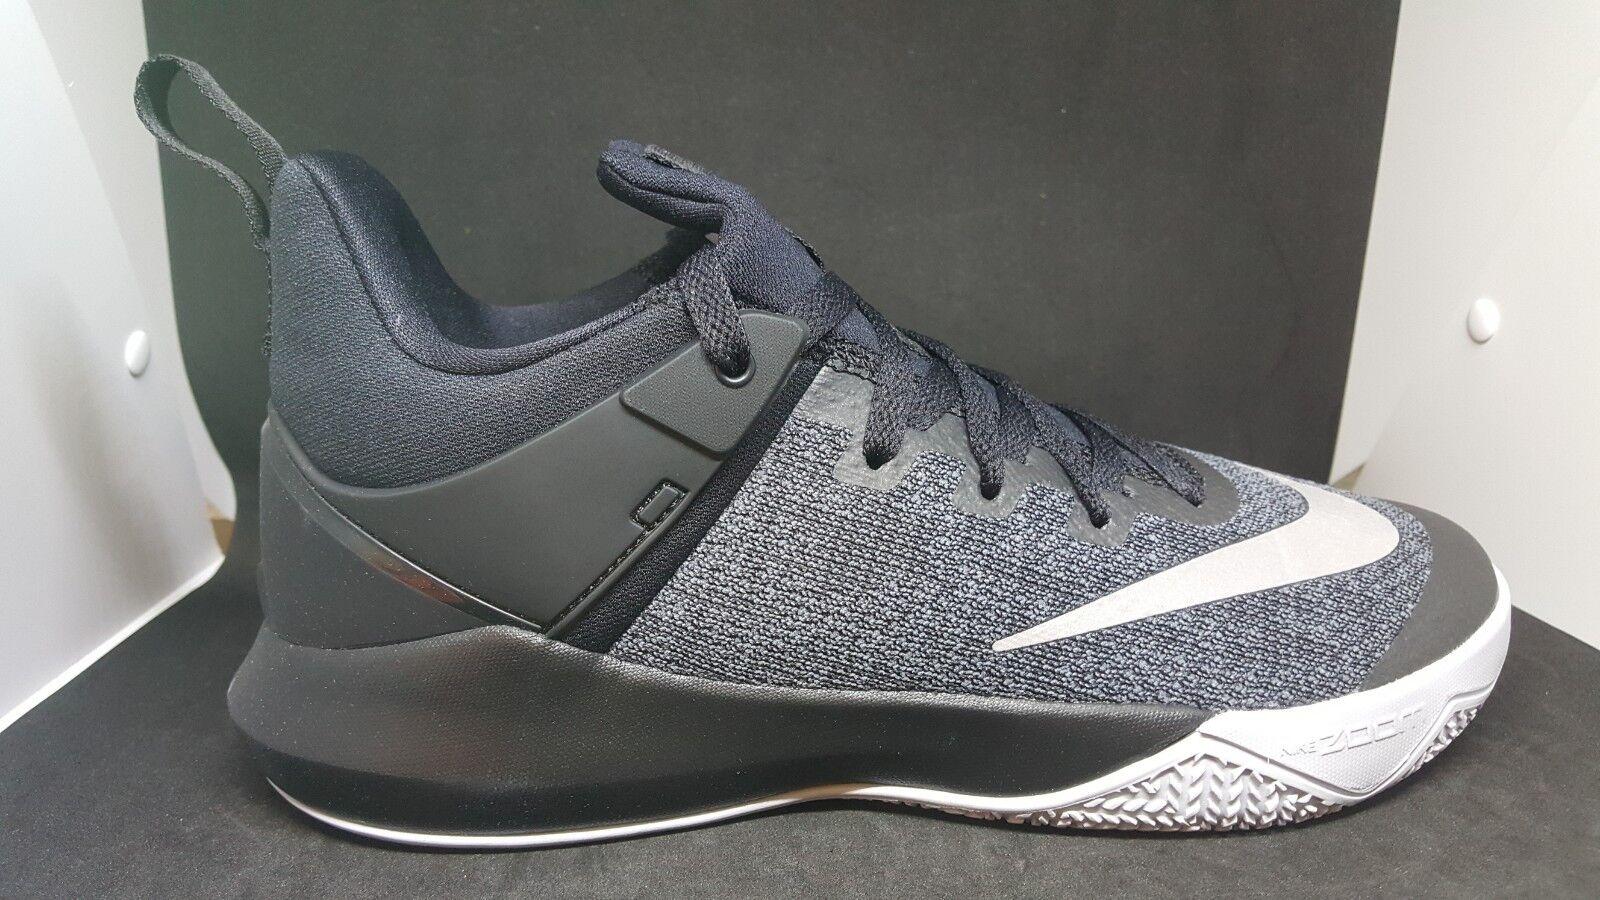 check out 6d87a 15be8 -Nike Zoom Shift Men s Basketball Shoes 897653 002 US Sz Sz Sz 9 0de865